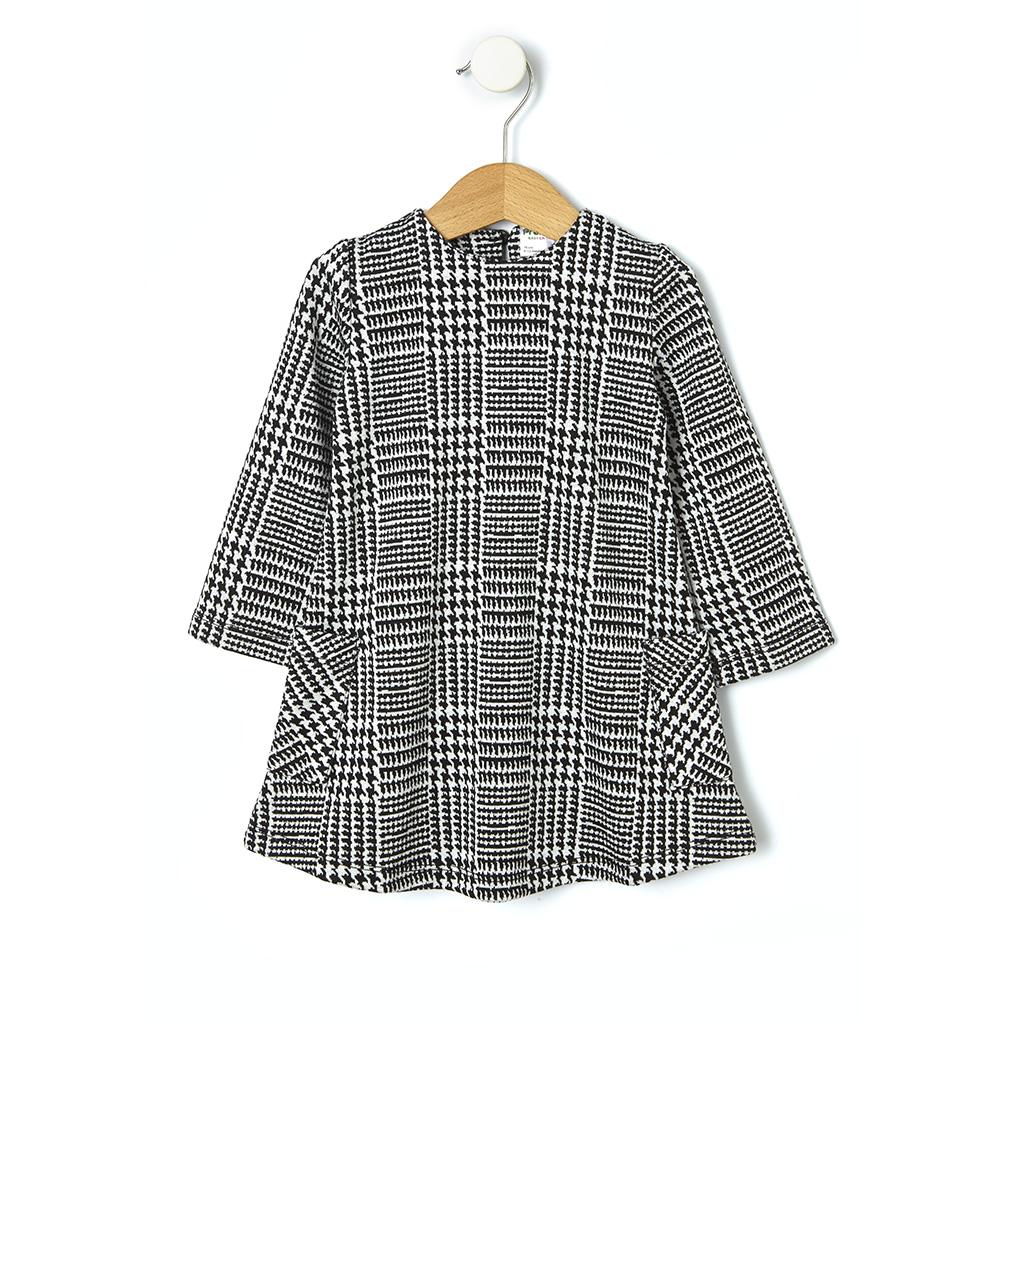 Φόρεμα Μακρυμάνικο Jacquard για Κορίτσι